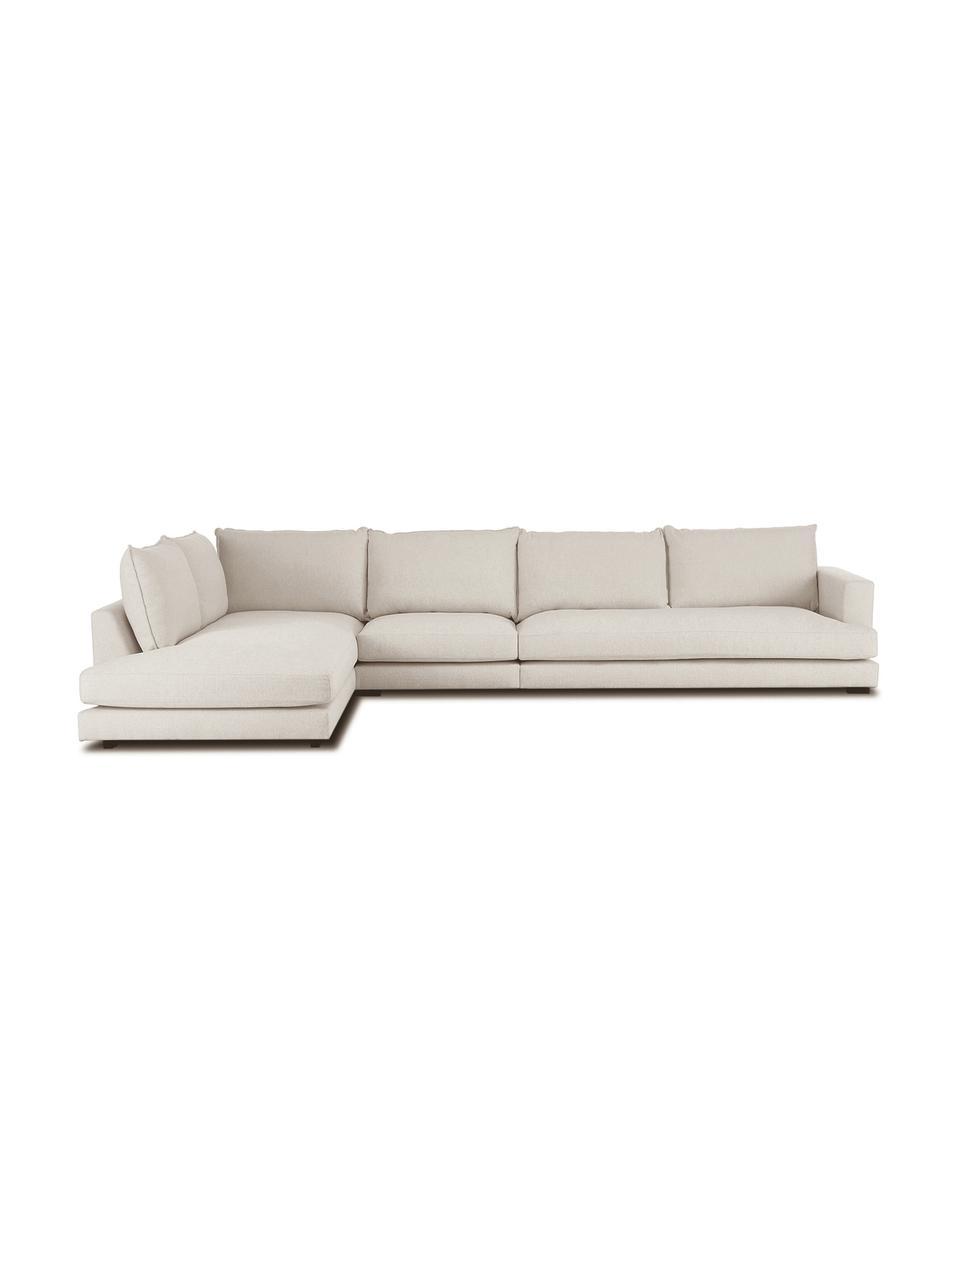 Canapé d'angle XL beige foncé Tribeca, Tissu beige foncé